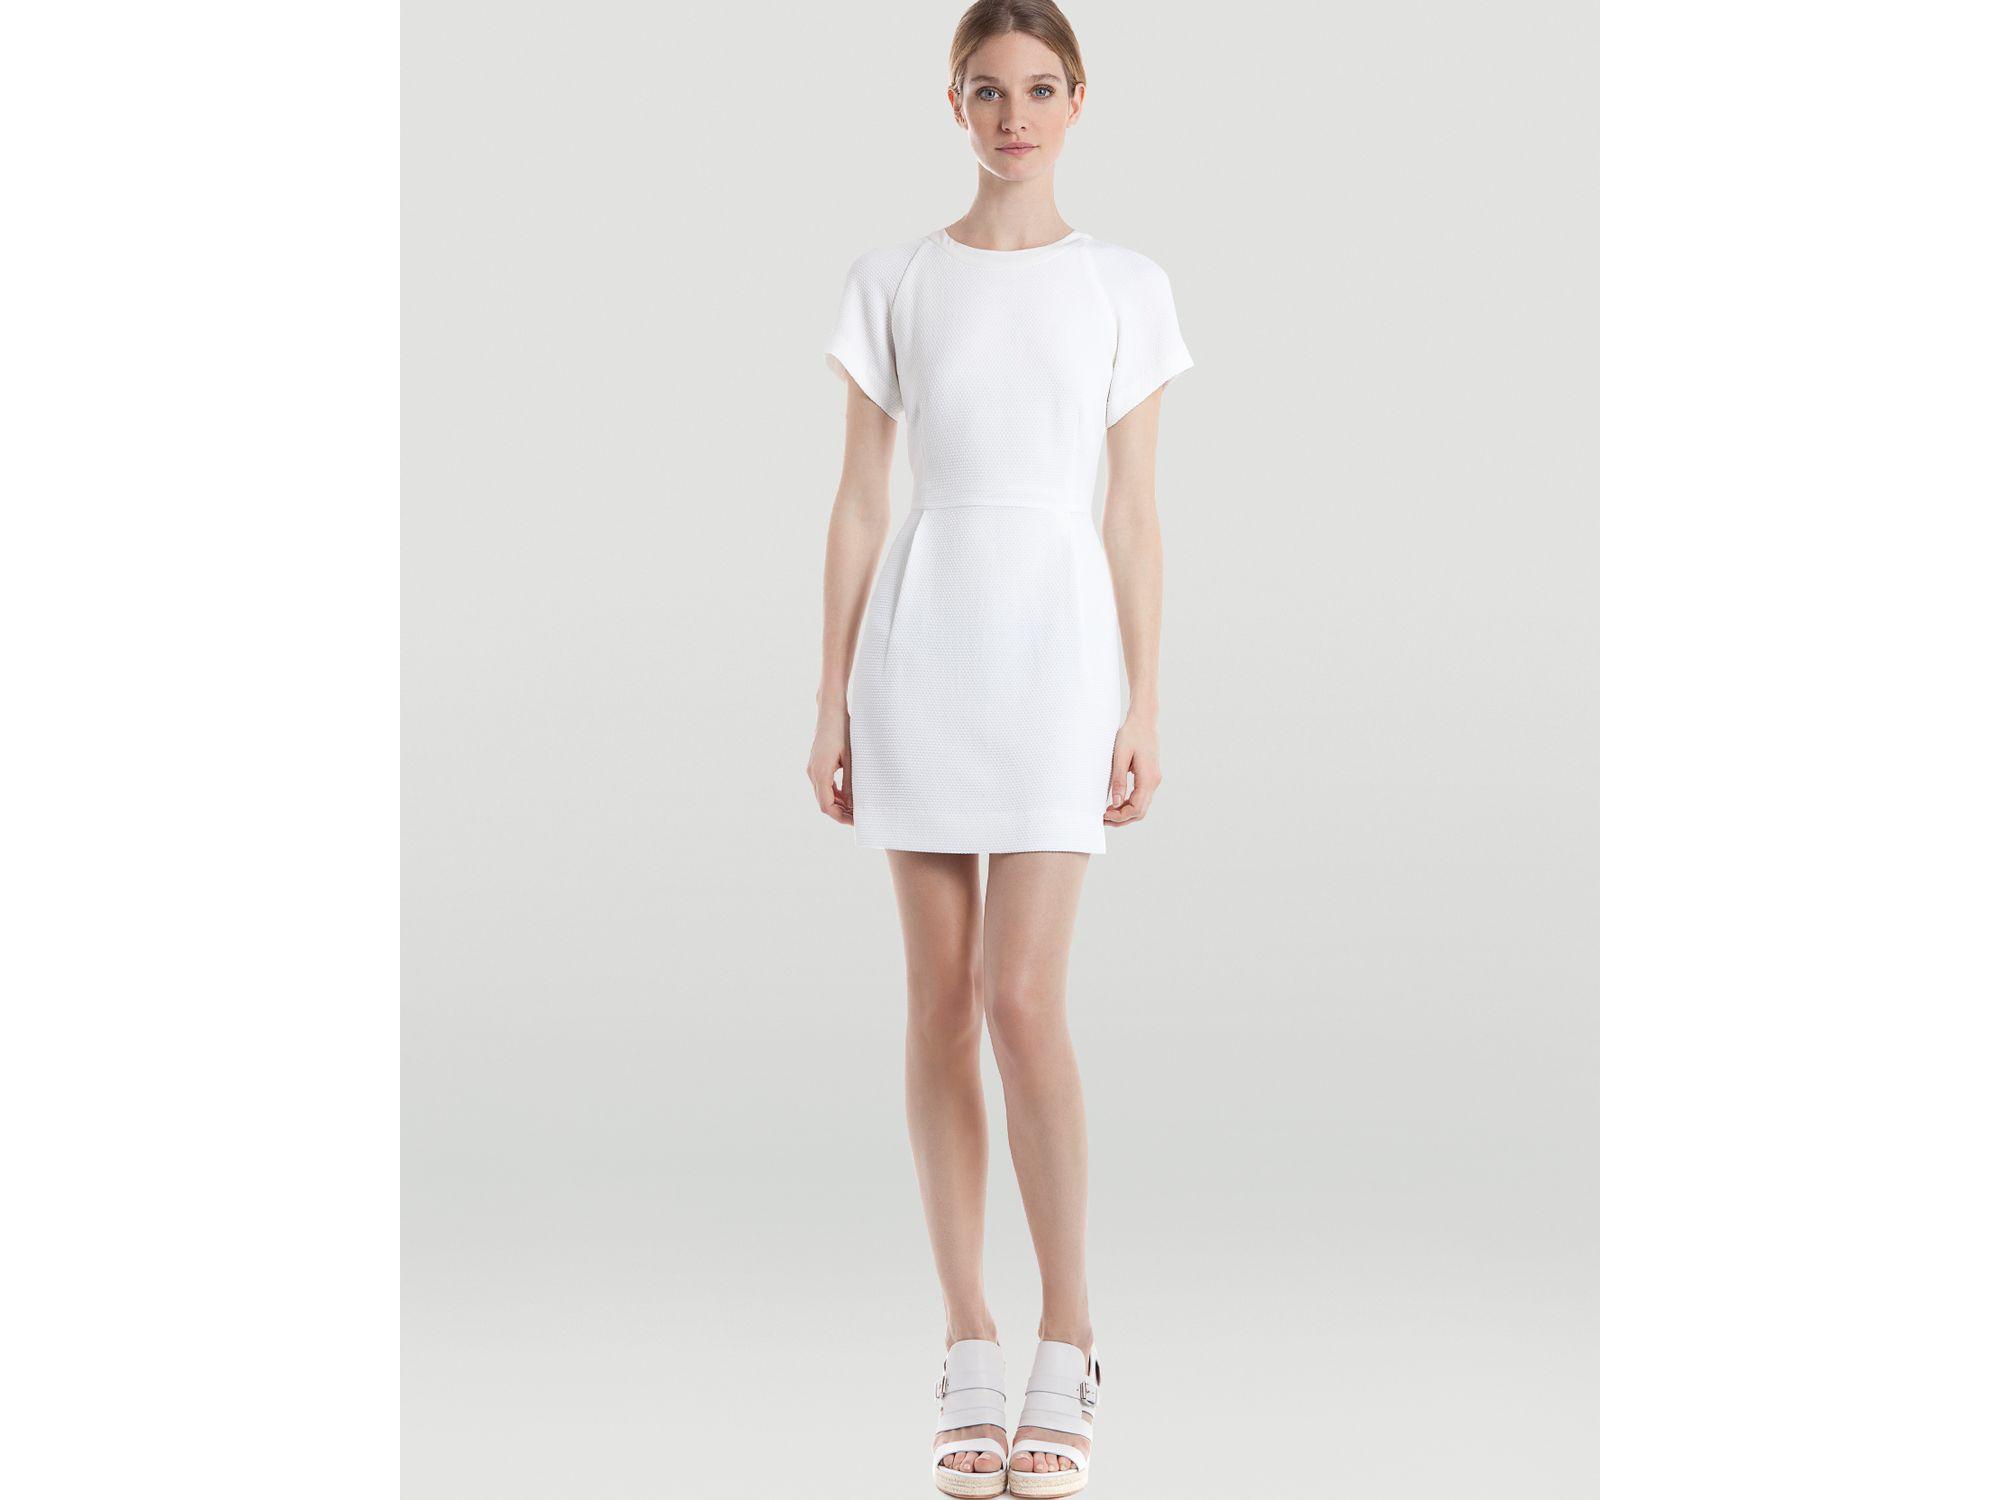 Sandro Short Sleeve Dress Ricrac in White | Lyst